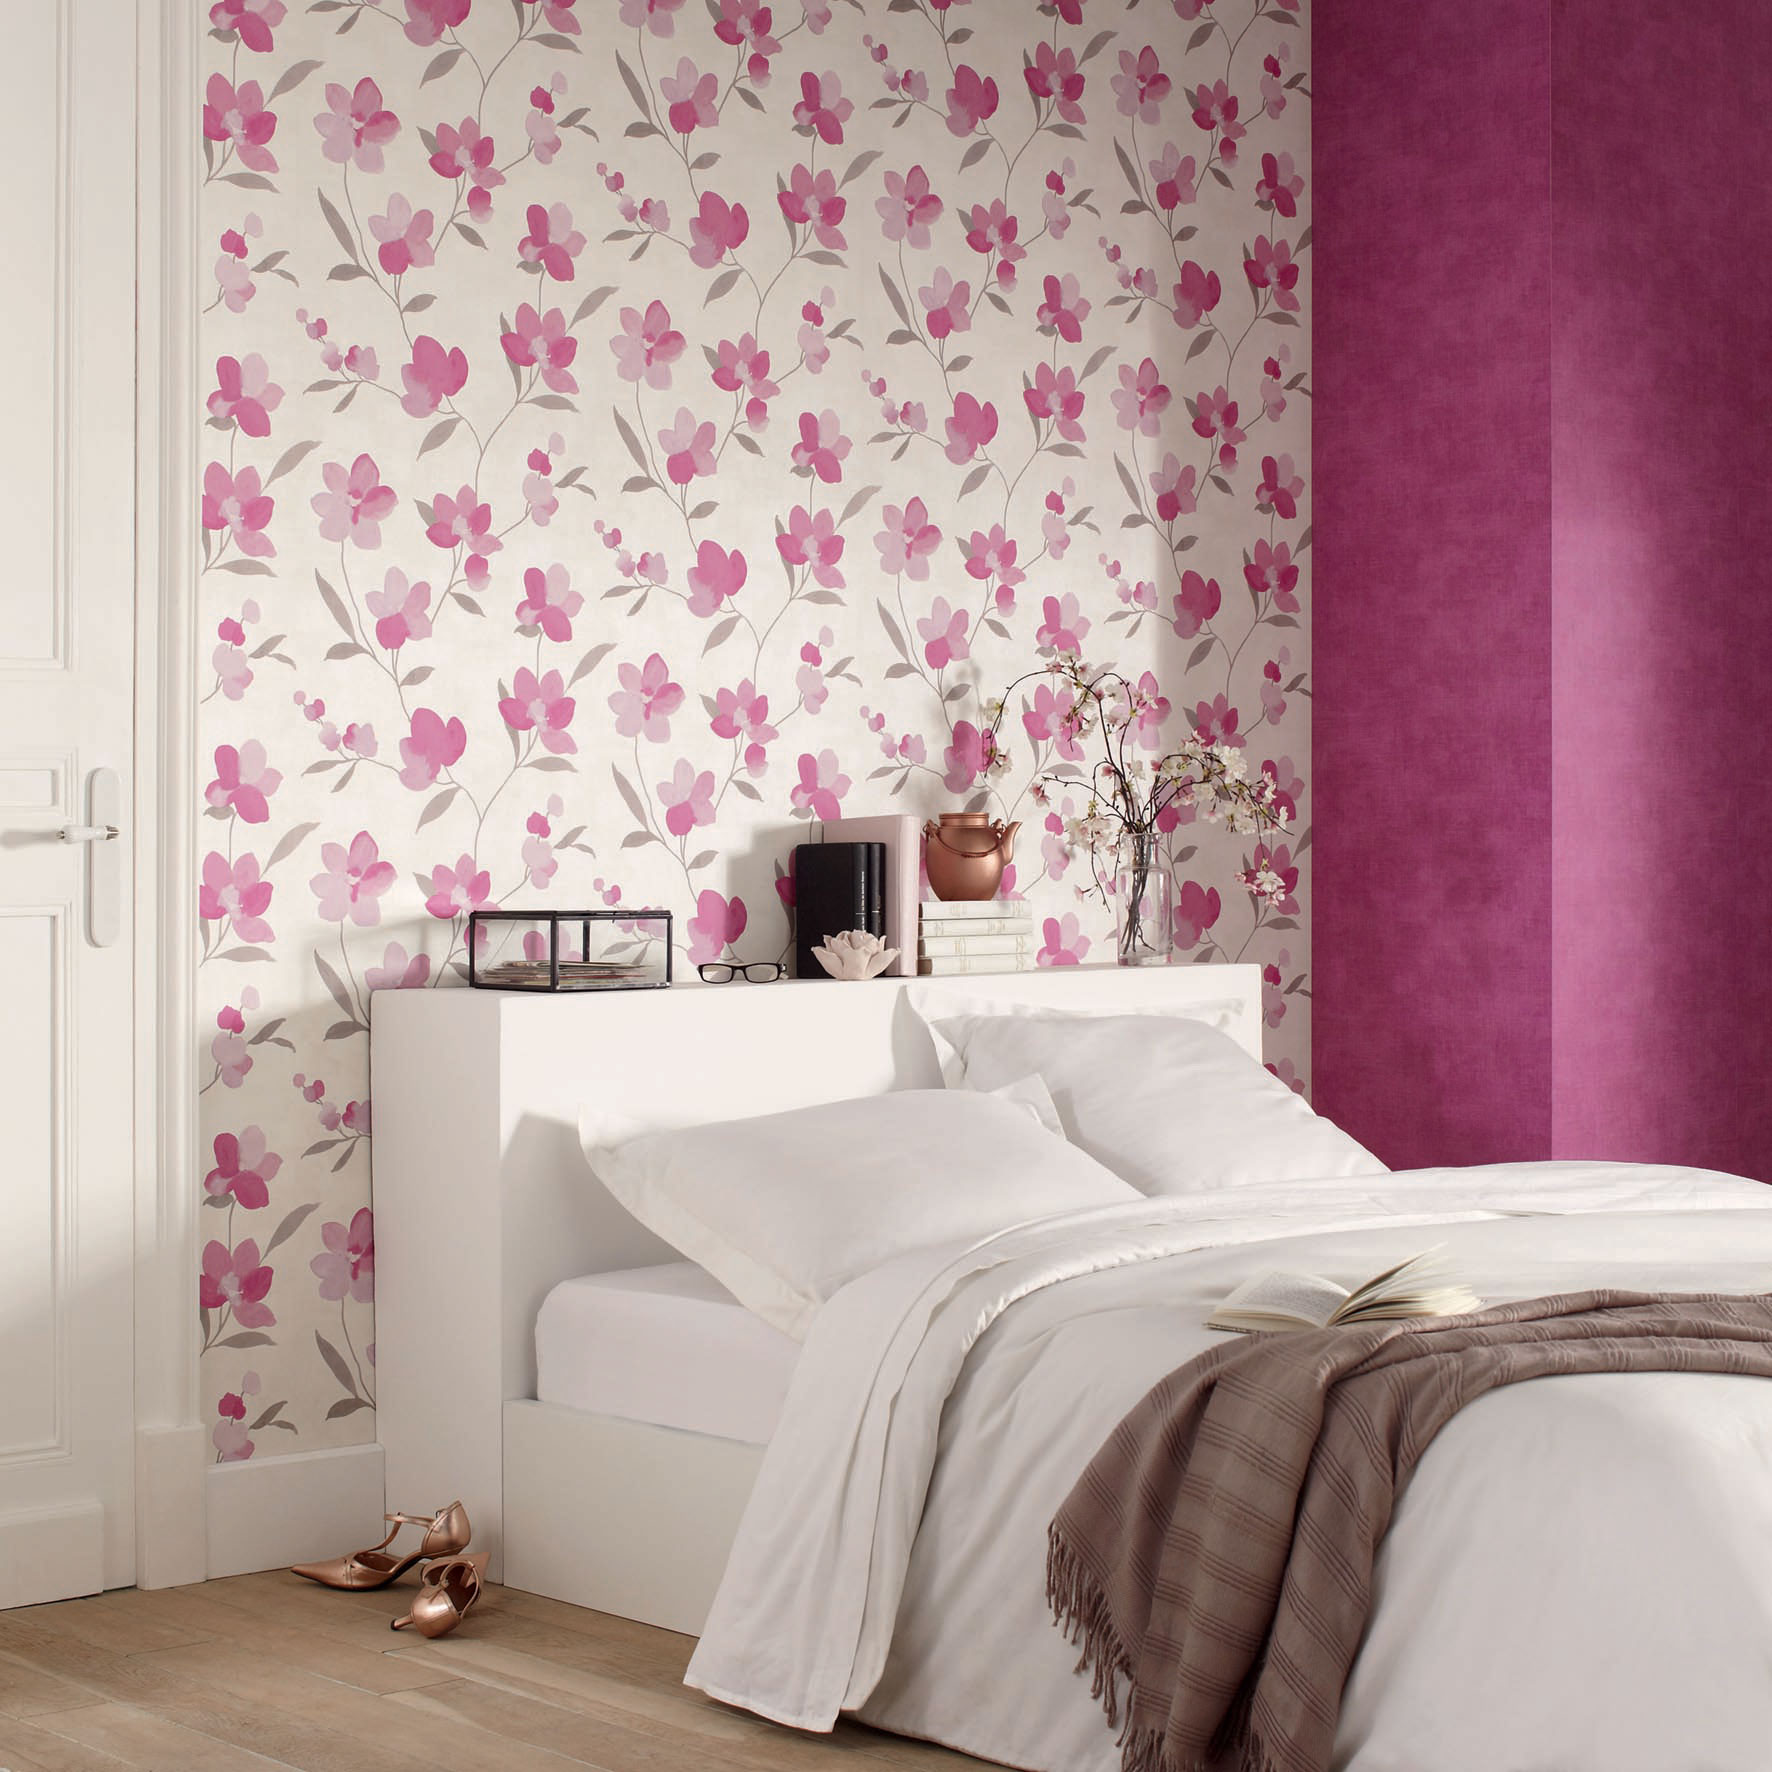 Обои с розовыми цветами в интерьере